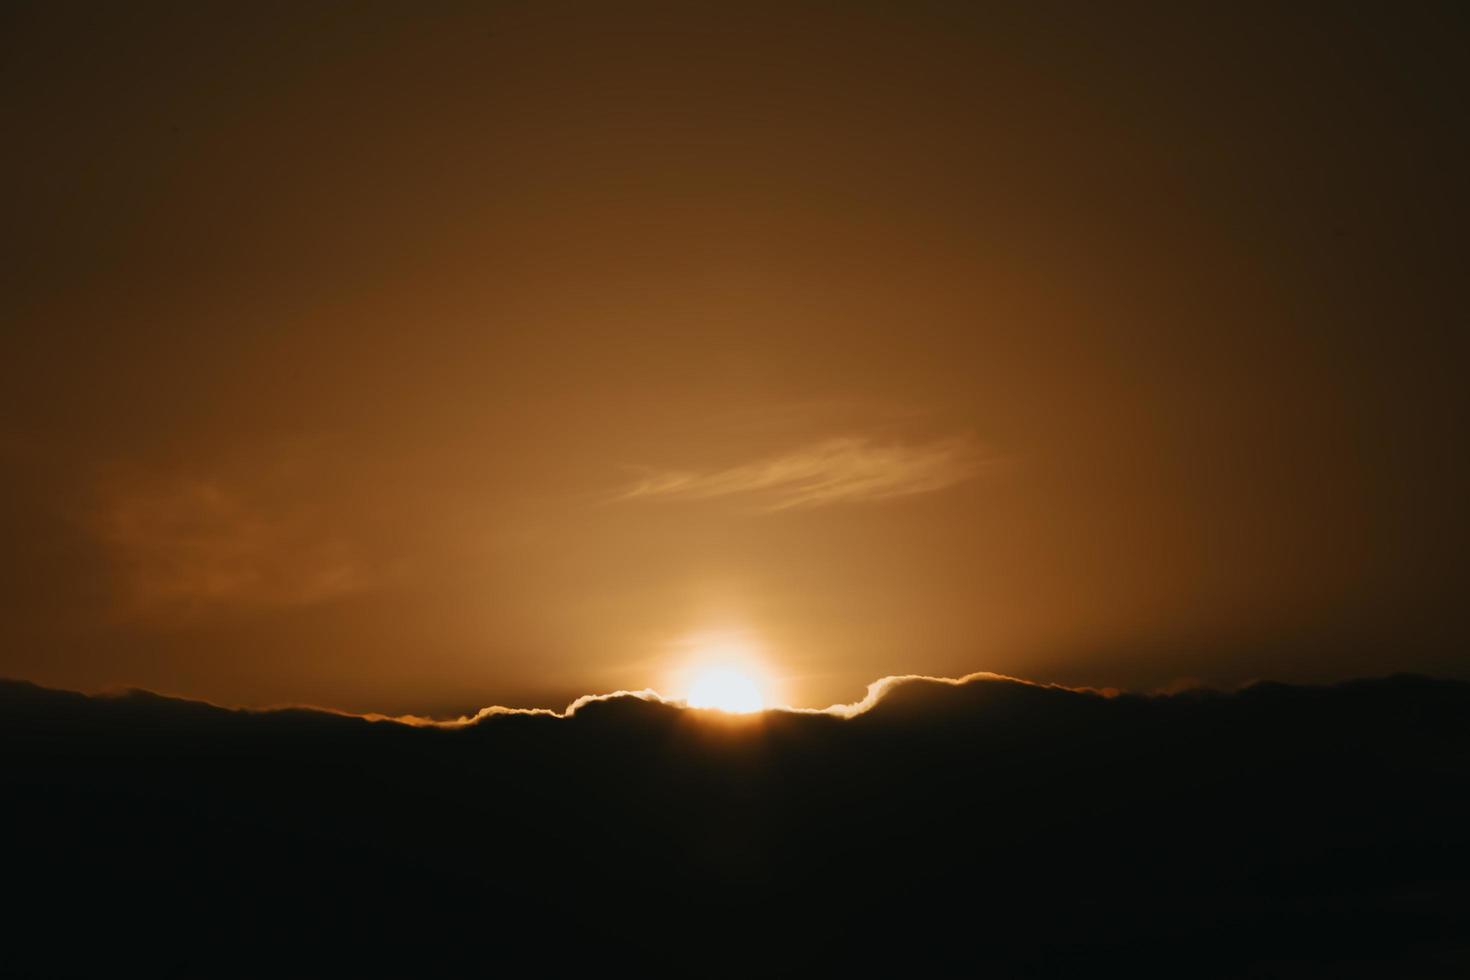 Super Sonnenuntergang über den schwarzen Wolken foto